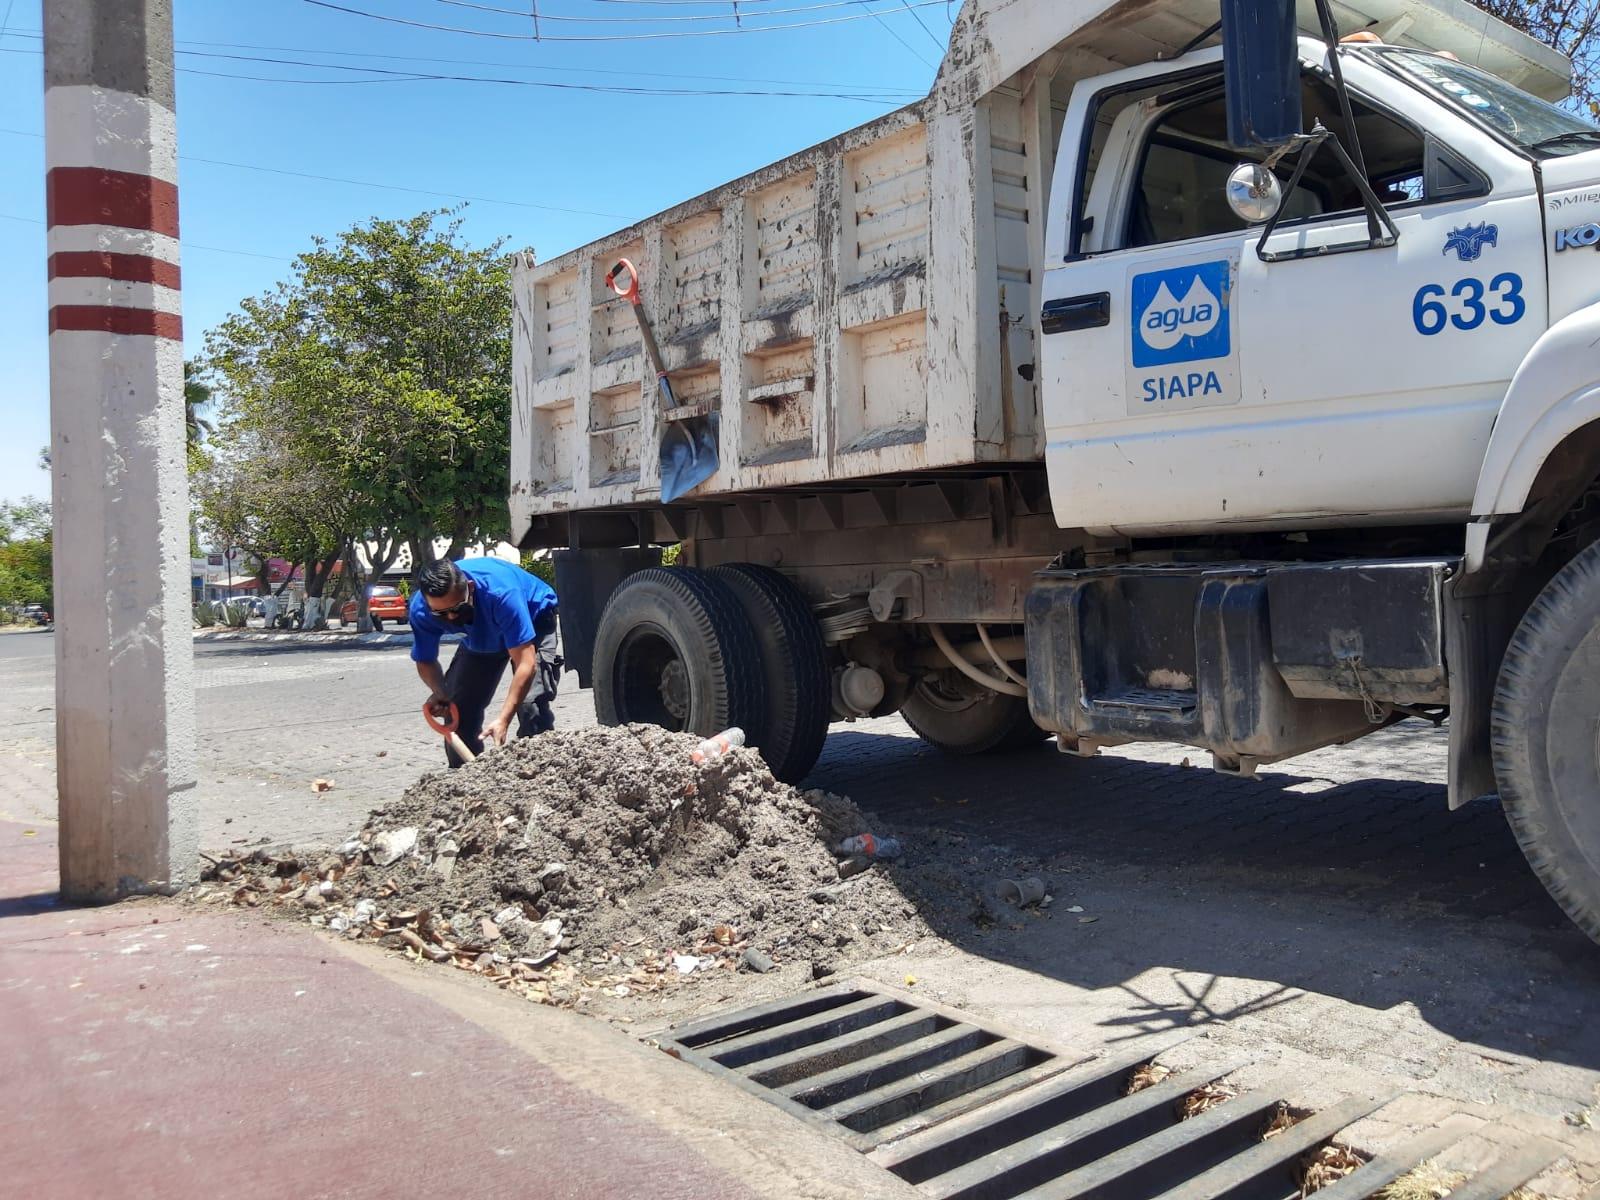 Siapa continua con el Programa de Mantenimiento y Limpieza a la Infraestructura